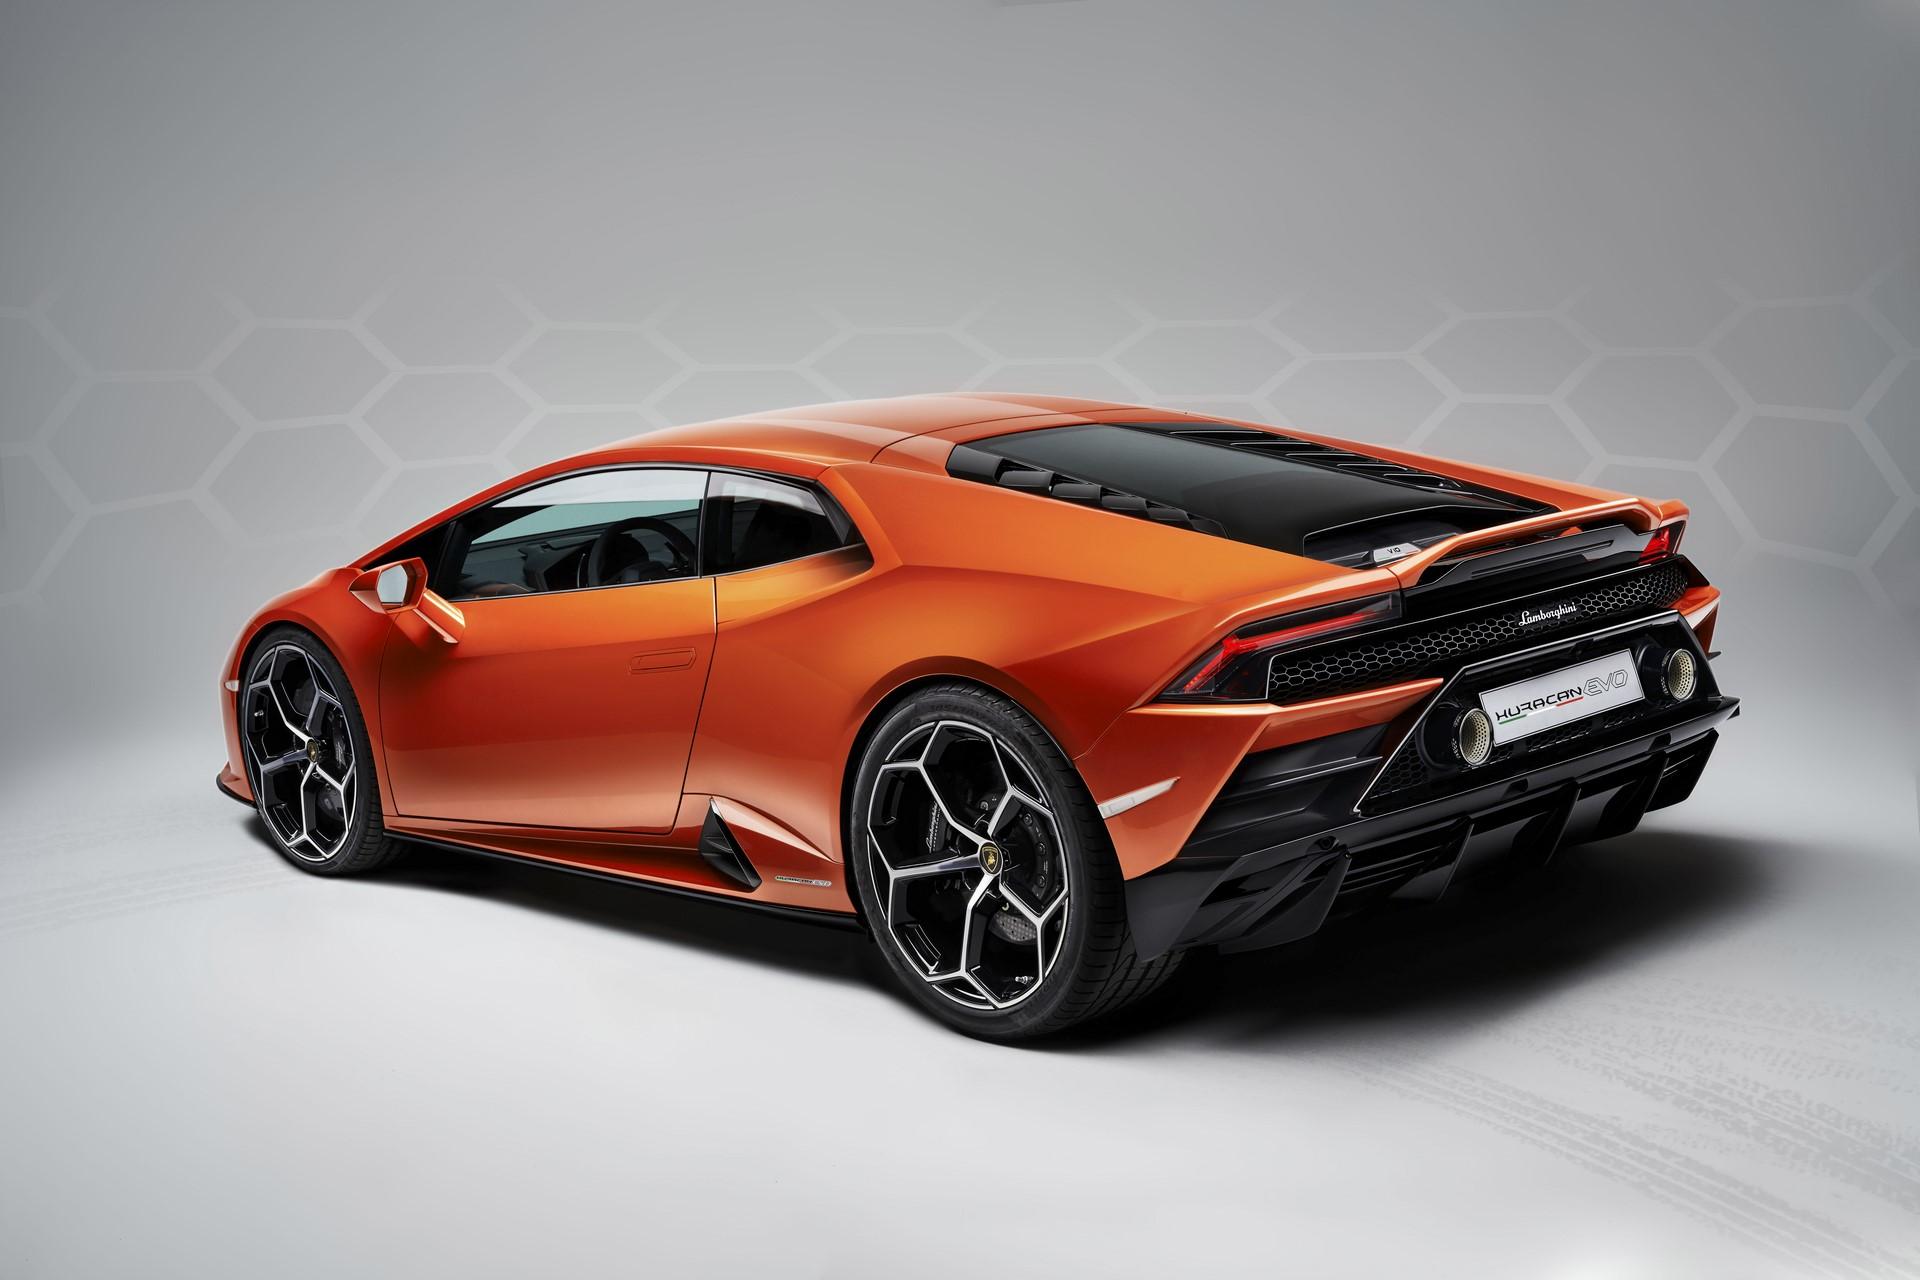 Lamborghini Huracan Evo 2019 (35)